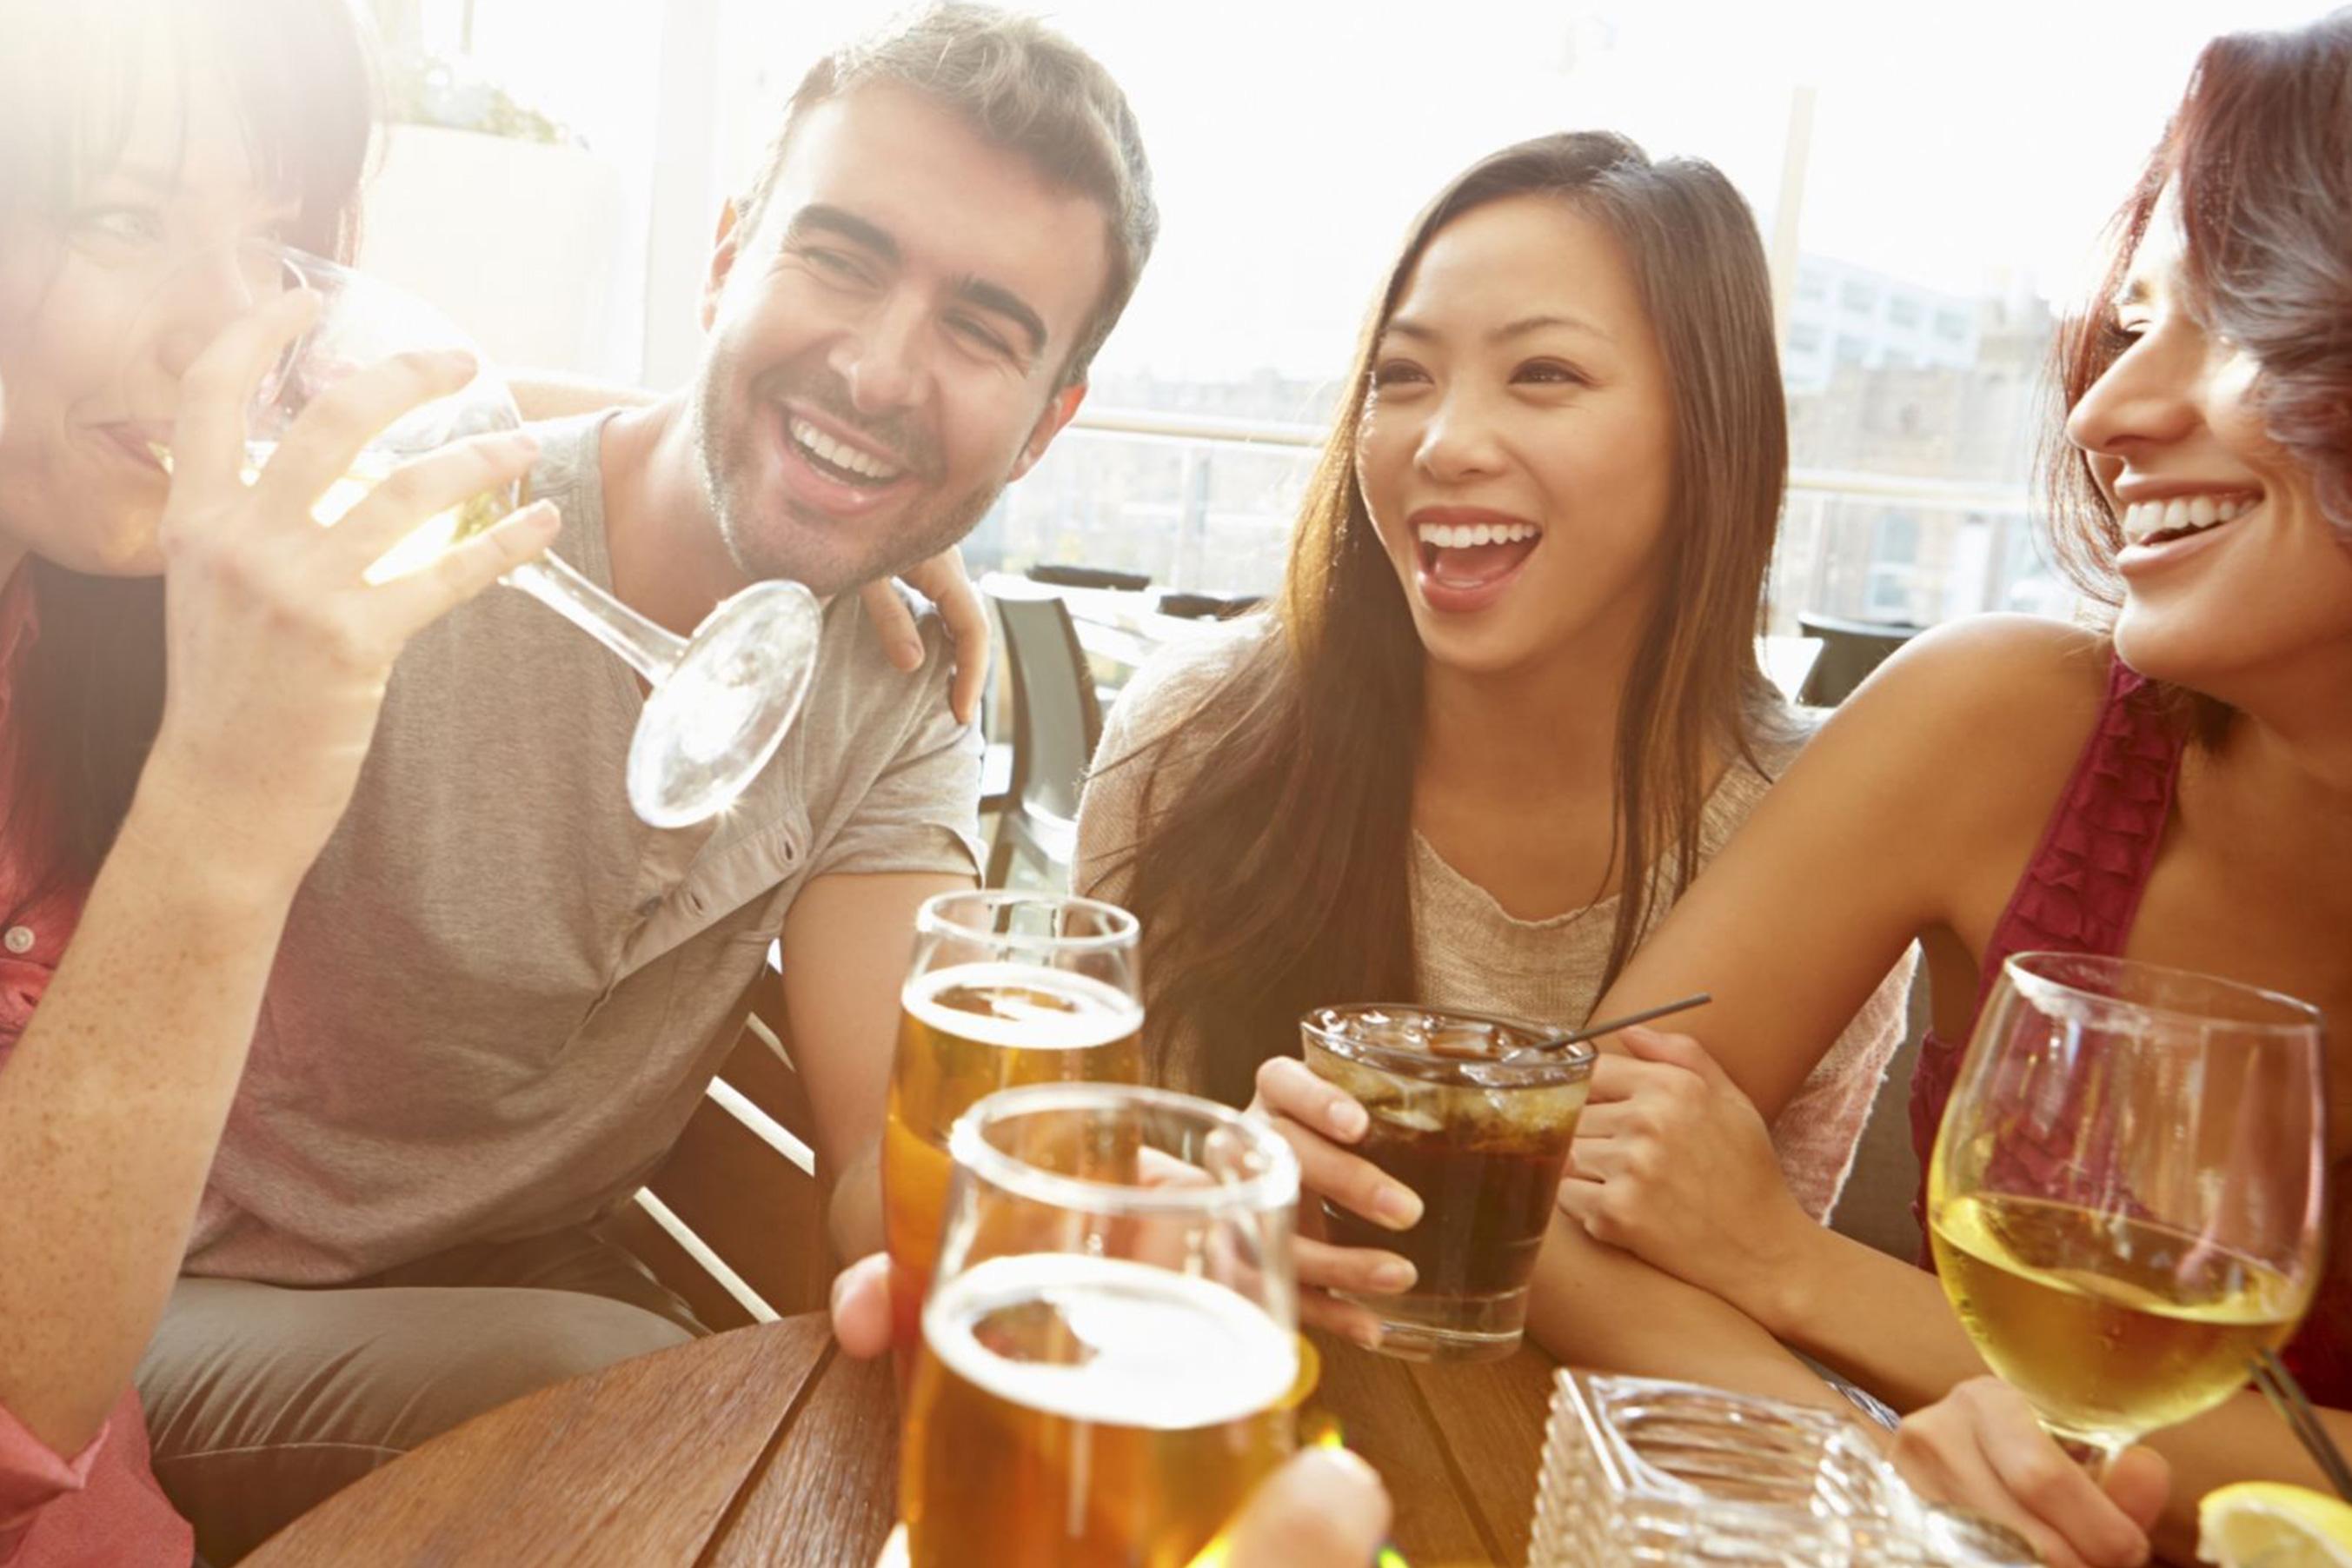 O consumo de álcool atrapalha no emagrecimento?